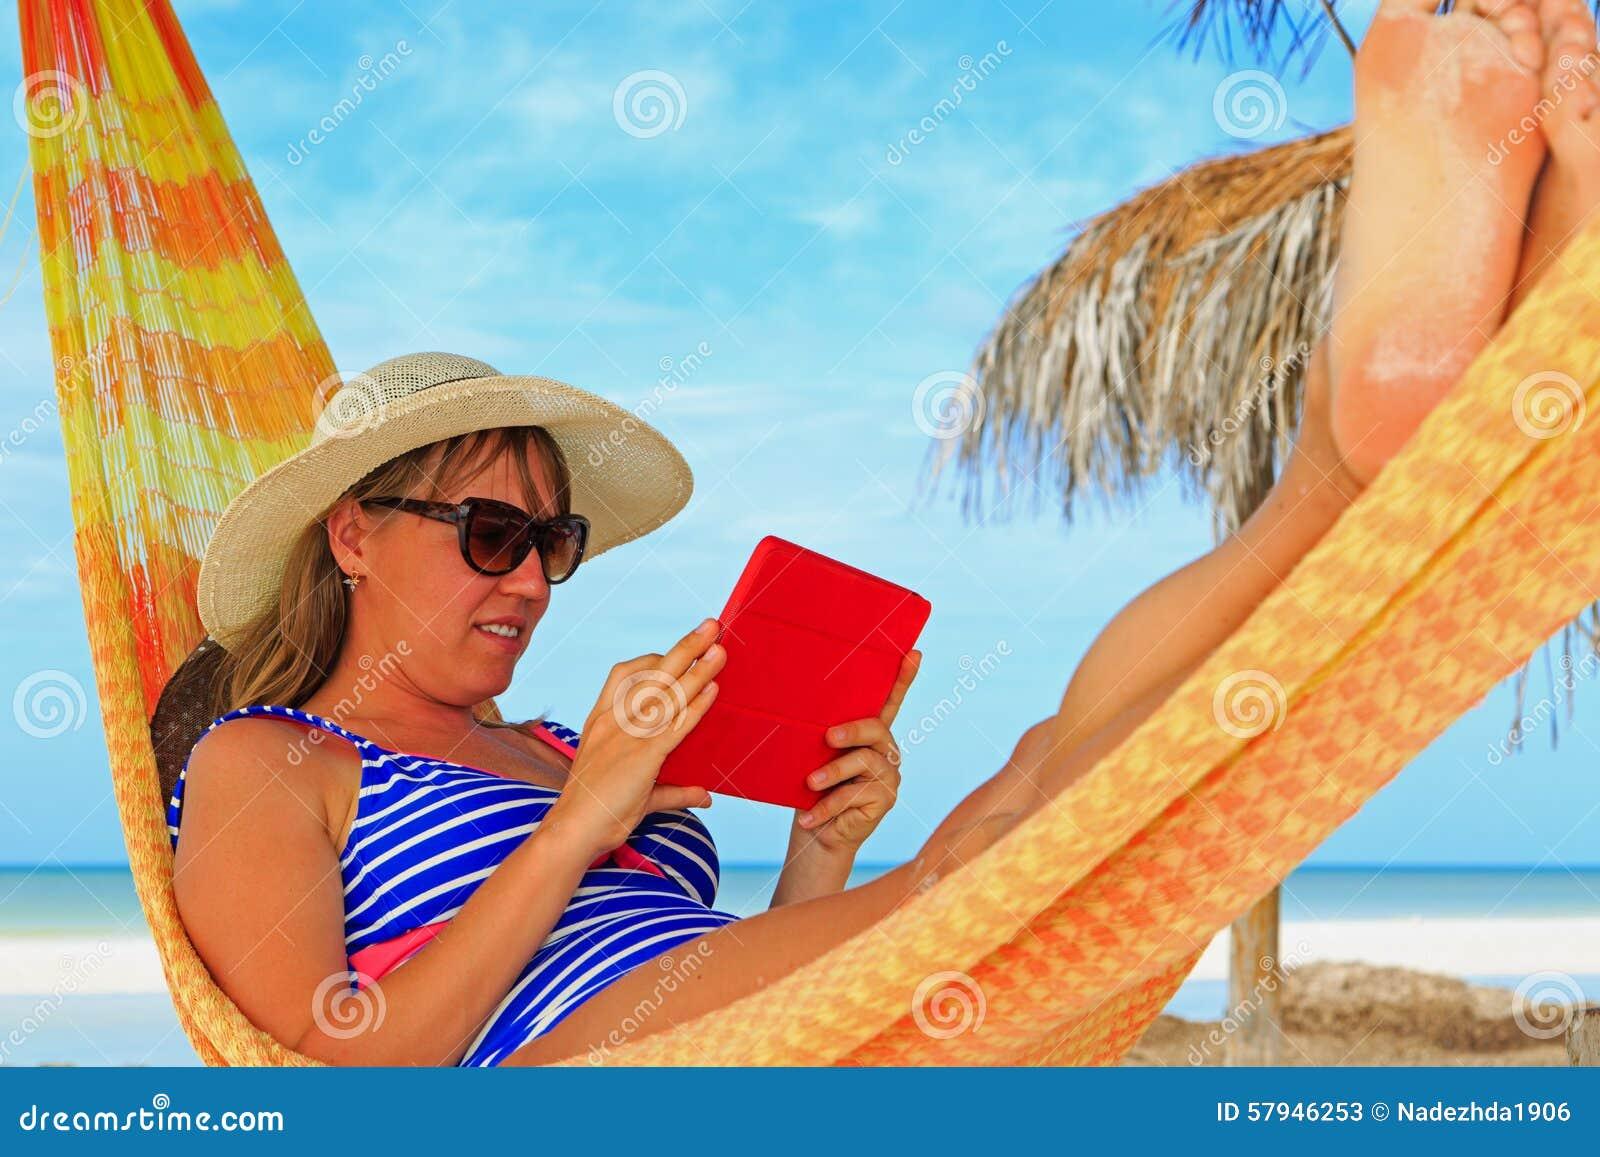 Χαλάρωση γυναικών στο μαξιλάρι αφής hammockwith στη θάλασσα